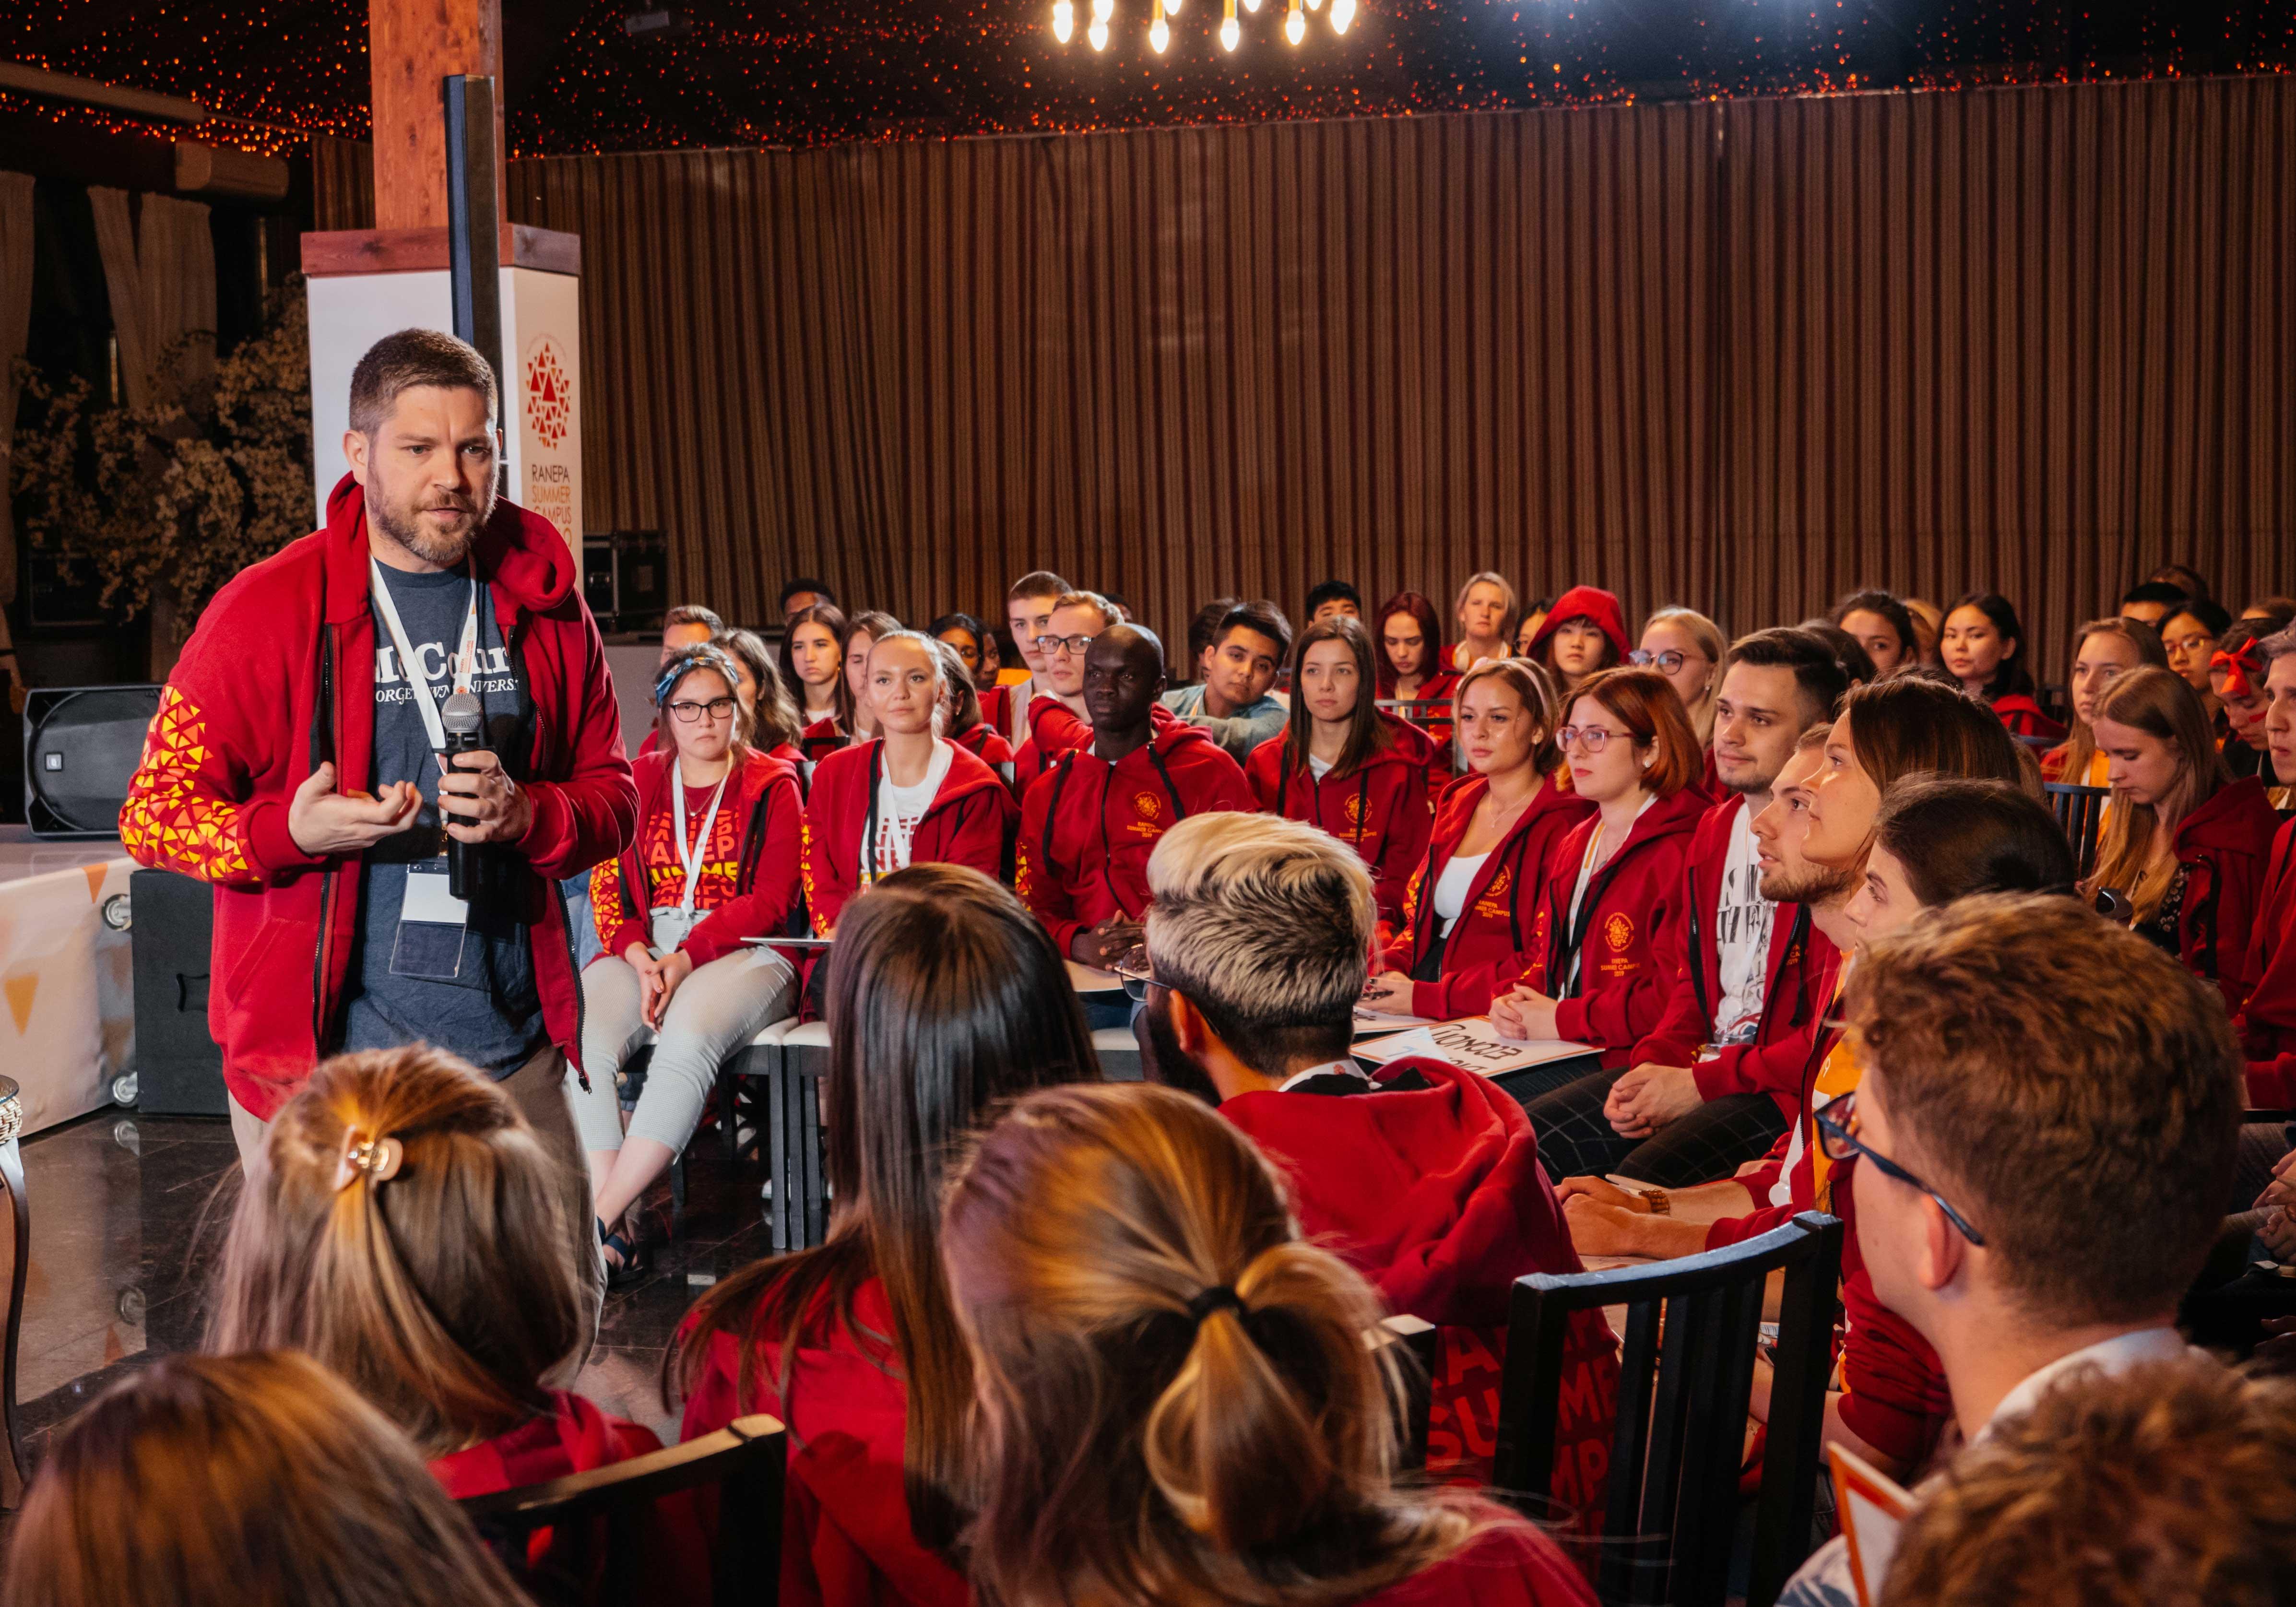 15 июля основатель и президент Preparing Global Leaders Foundation, профессор Президентской академии Сэм Потоликкио рассказал участникам Международного летнего кампуса РАНХиГС о когнитивной харизме, эффективном принятии решений и способности убеждать